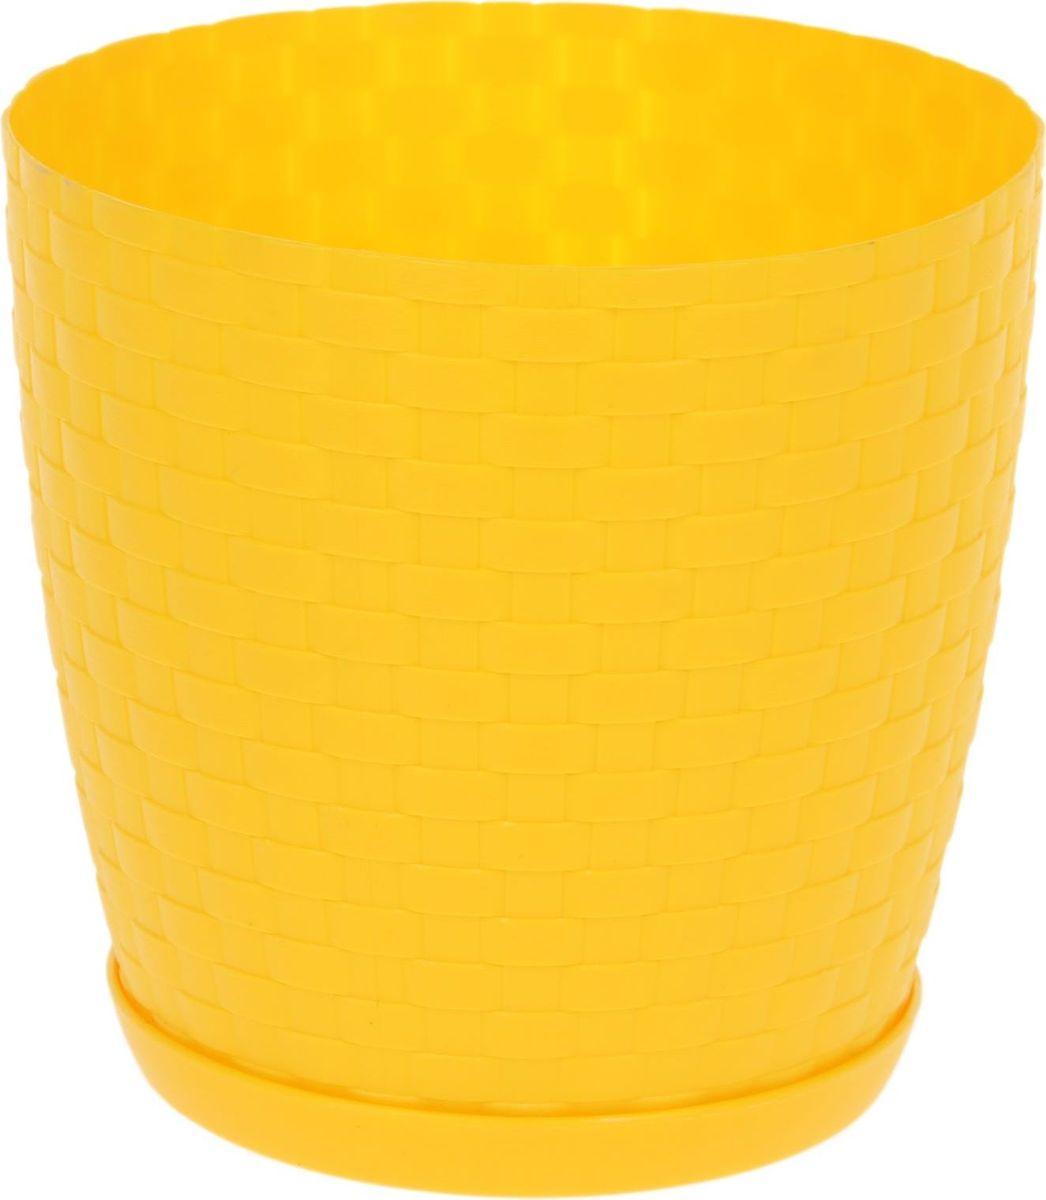 Горшок для цветов Петропласт Ротанг, с поддоном, цвет: желтый, 1,2 л1306727Любой, даже самый современный и продуманный интерьер будет не завершенным без растений. Они не только очищают воздух и насыщают его кислородом, но и заметно украшают окружающее пространство. Такому полезному члену семьи просто необходимо красивое и функциональное кашпо, оригинальный горшок или необычная ваза! Мы предлагаем - Горшок для цветов 1,2 л с поддоном Ротанг, цвет желтый! Оптимальный выбор материала - это пластмасса! Почему мы так считаем? Малый вес. С легкостью переносите горшки и кашпо с места на место, ставьте их на столики или полки, подвешивайте под потолок, не беспокоясь о нагрузке. Простота ухода. Пластиковые изделия не нуждаются в специальных условиях хранения. Их легко чистить достаточно просто сполоснуть теплой водой. Никаких царапин. Пластиковые кашпо не царапают и не загрязняют поверхности, на которых стоят. Пластик дольше хранит влагу, а значит растение реже нуждается в поливе. Пластмасса не пропускает воздух корневой системе растения не грозят резкие перепады температур. Огромный выбор форм, декора и расцветок вы без труда подберете что-то, что идеально впишется в уже существующий интерьер. Соблюдая нехитрые правила ухода, вы можете заметно продлить срок службы горшков, вазонов и кашпо из пластика: всегда учитывайте размер кроны и корневой системы растения (при разрастании большое растение способно повредить маленький горшок) берегите изделие от воздействия прямых солнечных лучей, чтобы кашпо и горшки не выцветали держите кашпо и горшки из пластика подальше от нагревающихся поверхностей. Создавайте прекрасные цветочные композиции, выращивайте рассаду или необычные растения, а низкие цены позволят вам не ограничивать себя в выборе.